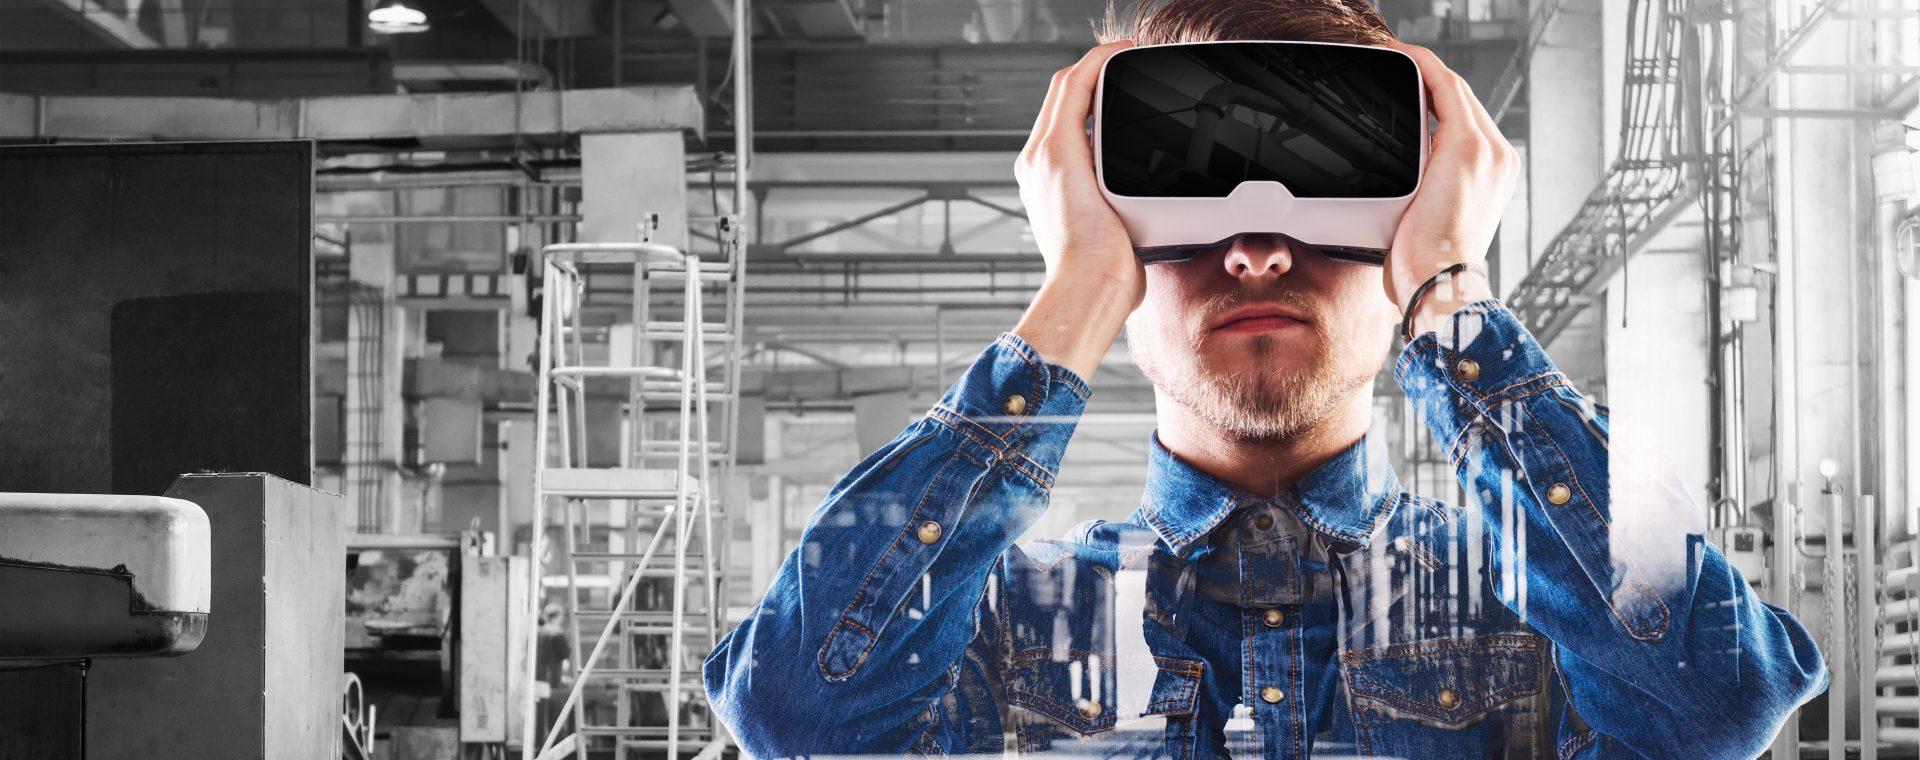 Manifattura digitale: un trilateral meeting con i protagonisti europei delle politiche Industry 4.0